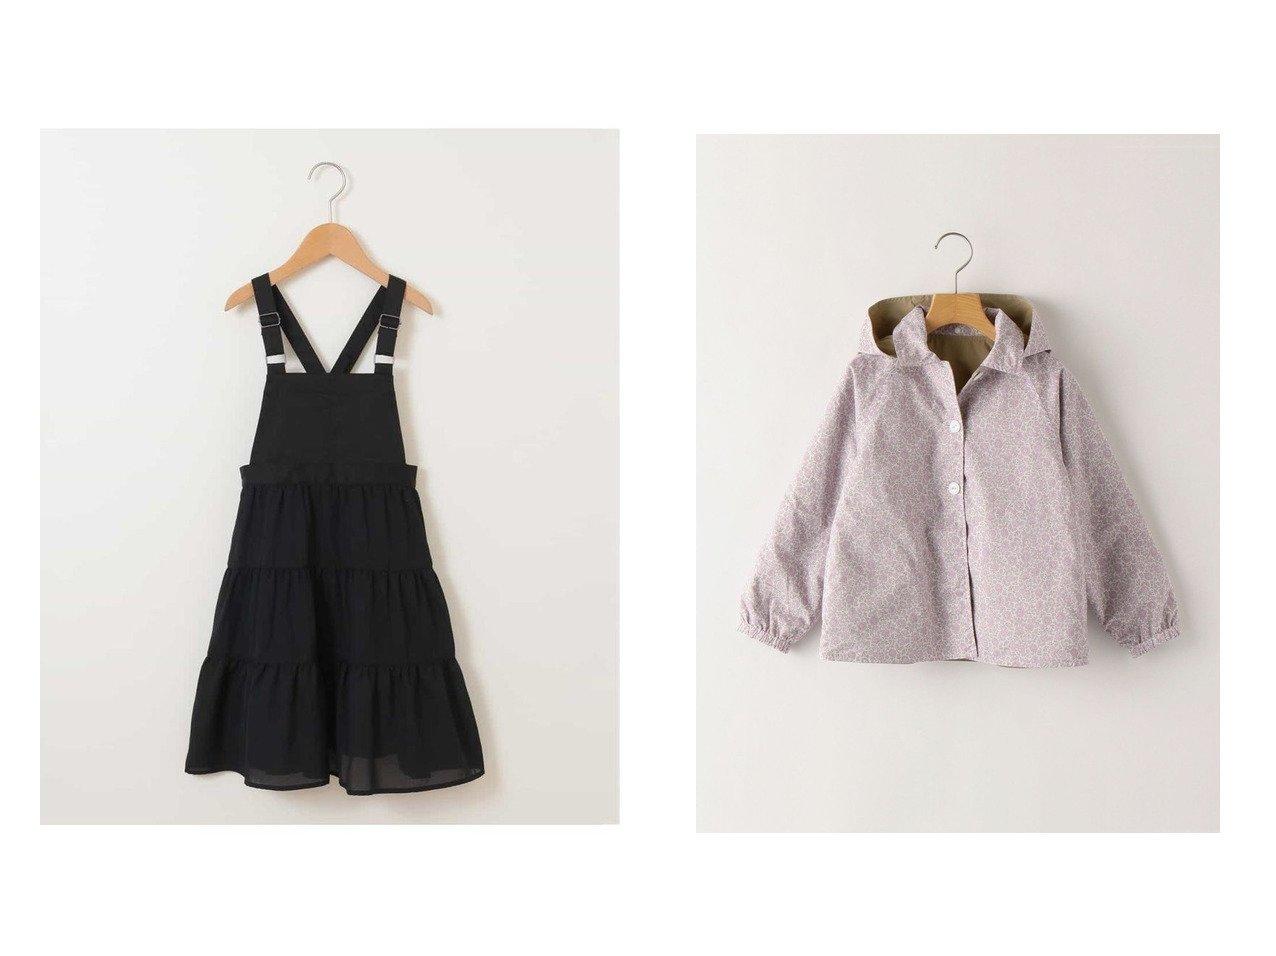 【SHIPS / KIDS/シップス】のSHIPS KIDS 撥水 リバーシブル リバティ フード コート(80~90cm)&【a.v.v / KIDS/アー ヴェー ヴェー】の140-150 ティアードジャンパースカート KIDS】子供服のおすすめ!人気トレンド・キッズファッションの通販 おすすめで人気の流行・トレンド、ファッションの通販商品 メンズファッション・キッズファッション・インテリア・家具・レディースファッション・服の通販 founy(ファニー) https://founy.com/ ファッション Fashion キッズファッション KIDS ワンピース Dress Kids アウター Coat Outerwear Kids インナー ガーリー サロペット シンプル ティアード トレンド 楽ちん アウトドア イラスト 春 Spring 秋 Autumn/Fall クラシック コレクション シルバー ジャケット タフタ ドット 定番 Standard 人気 フラワー ペーパー ポケット モノトーン 無地 リバーシブル ロンドン |ID:crp329100000018376